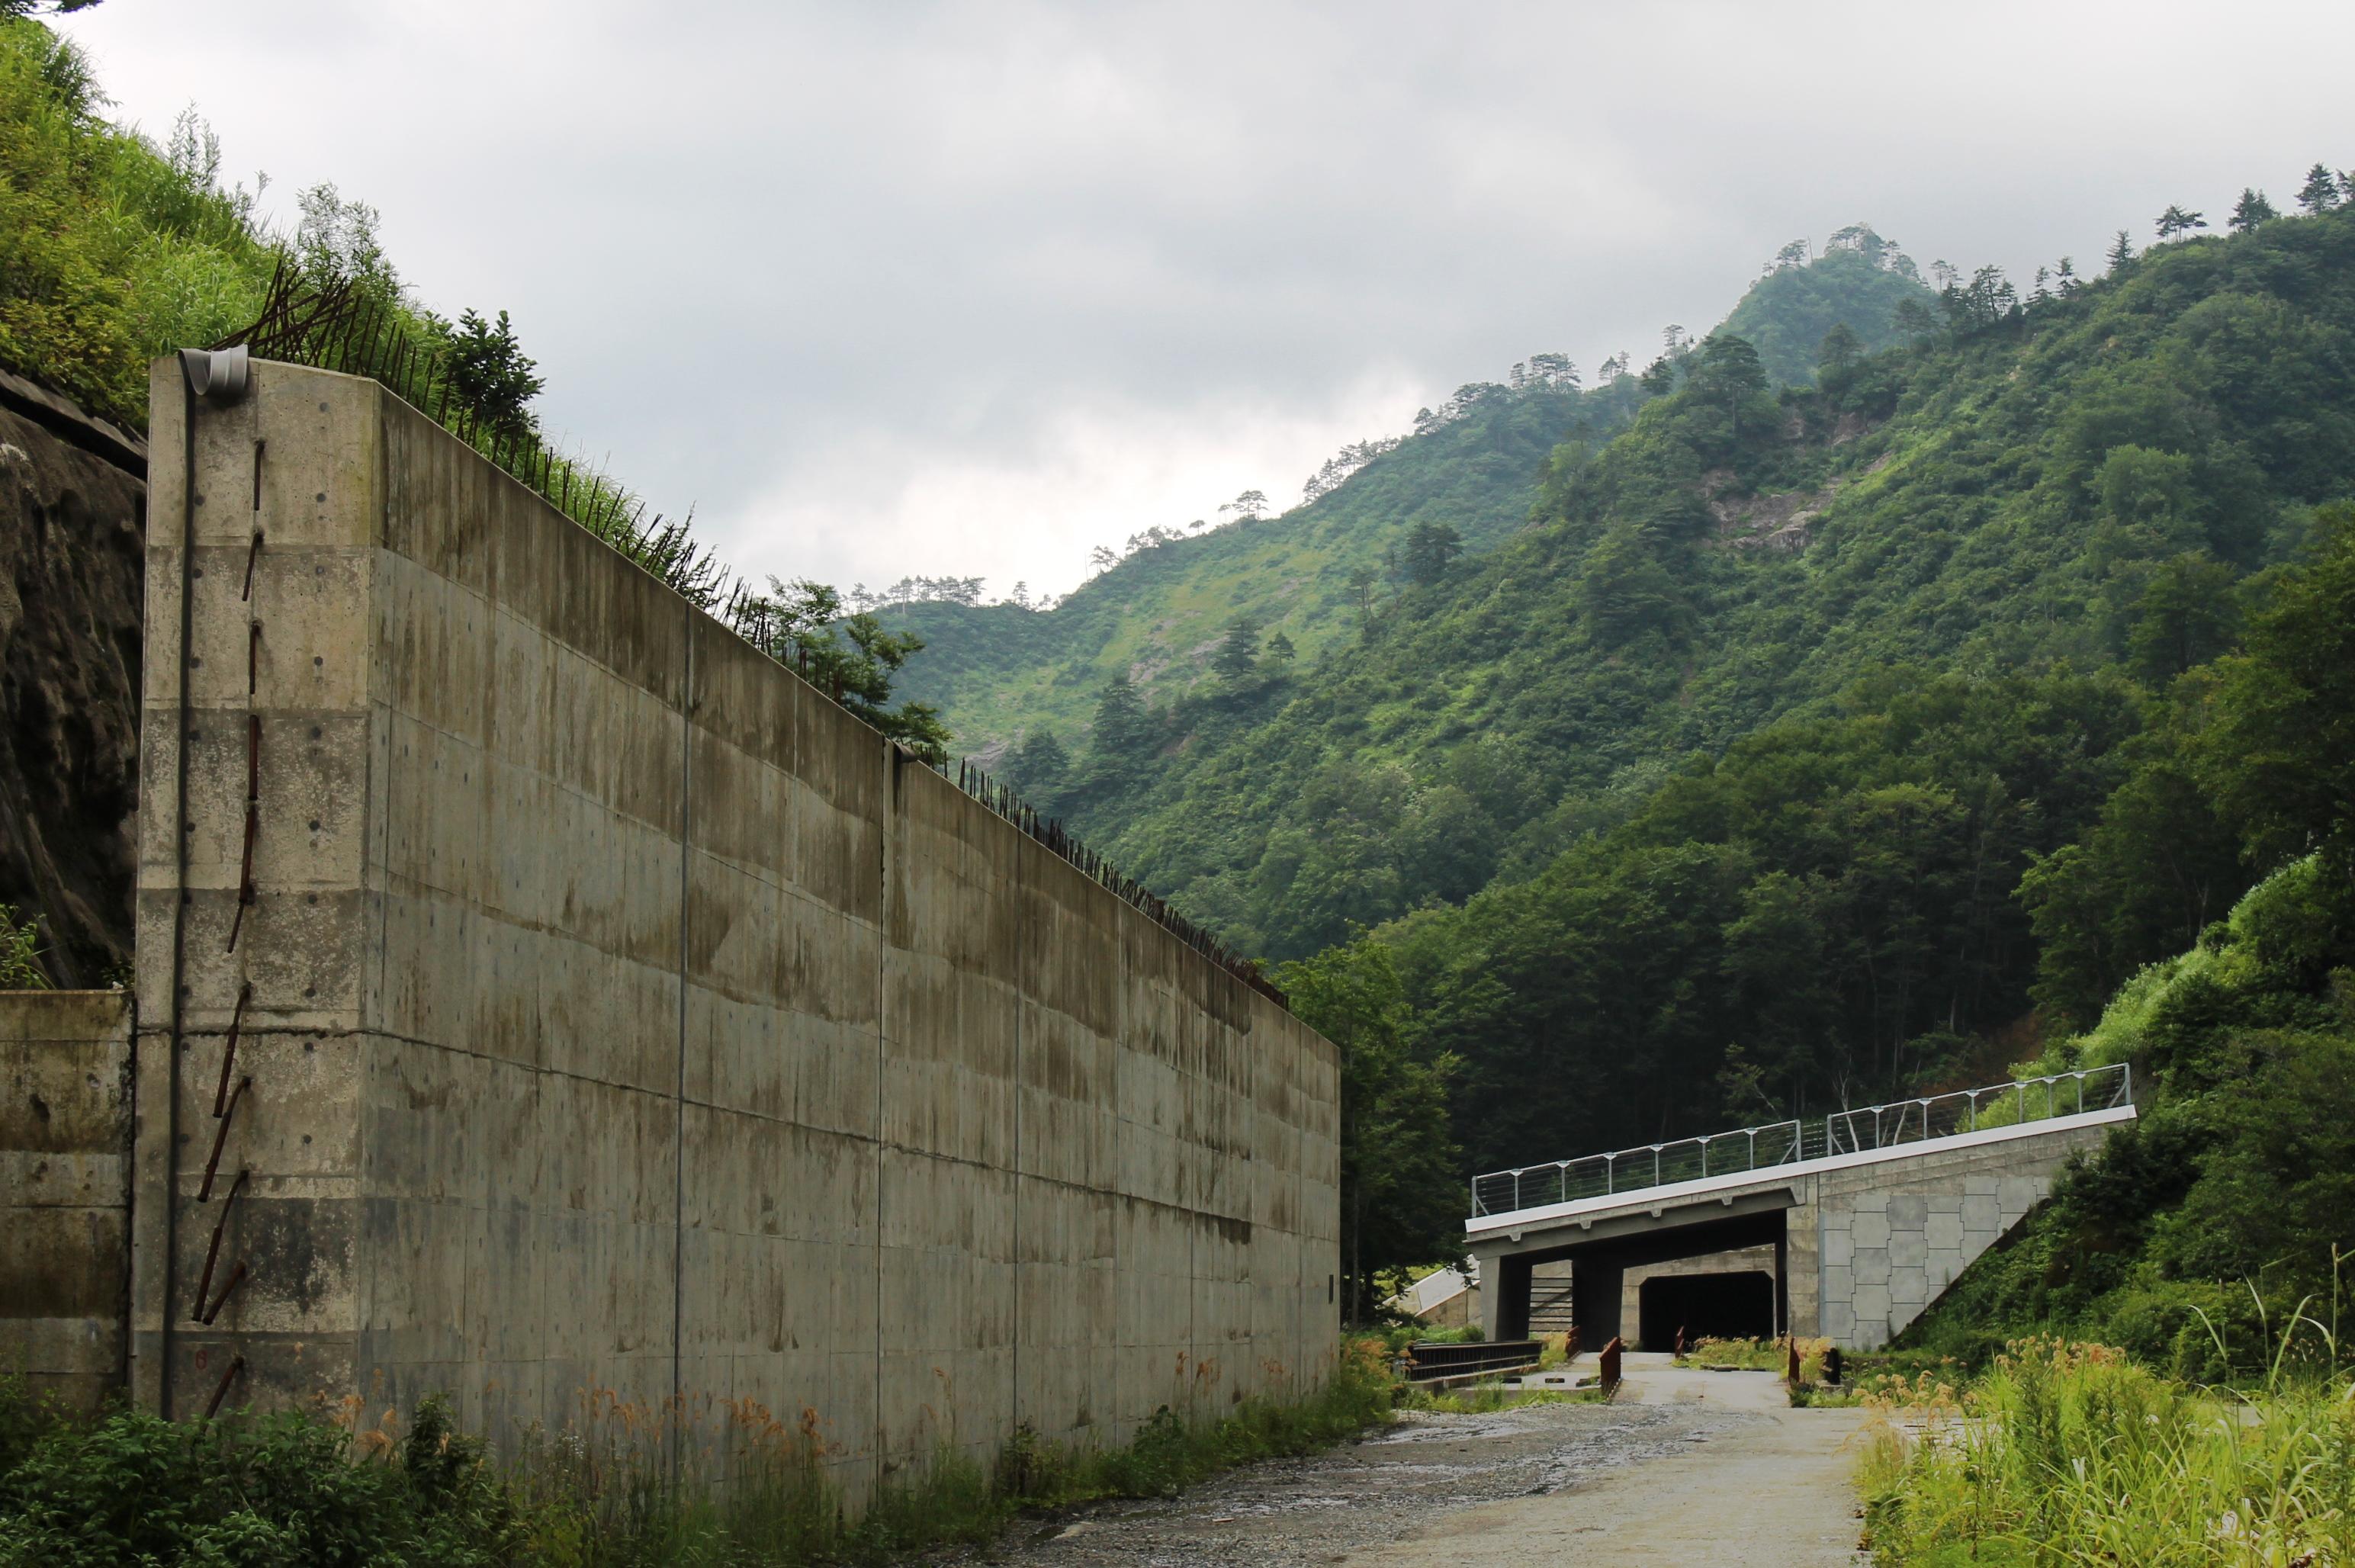 先に見えるトンネルのような屋根のようなものが好きで撮影しました。 ずっと暗闇でなくて、景色が見えるのが好きです。